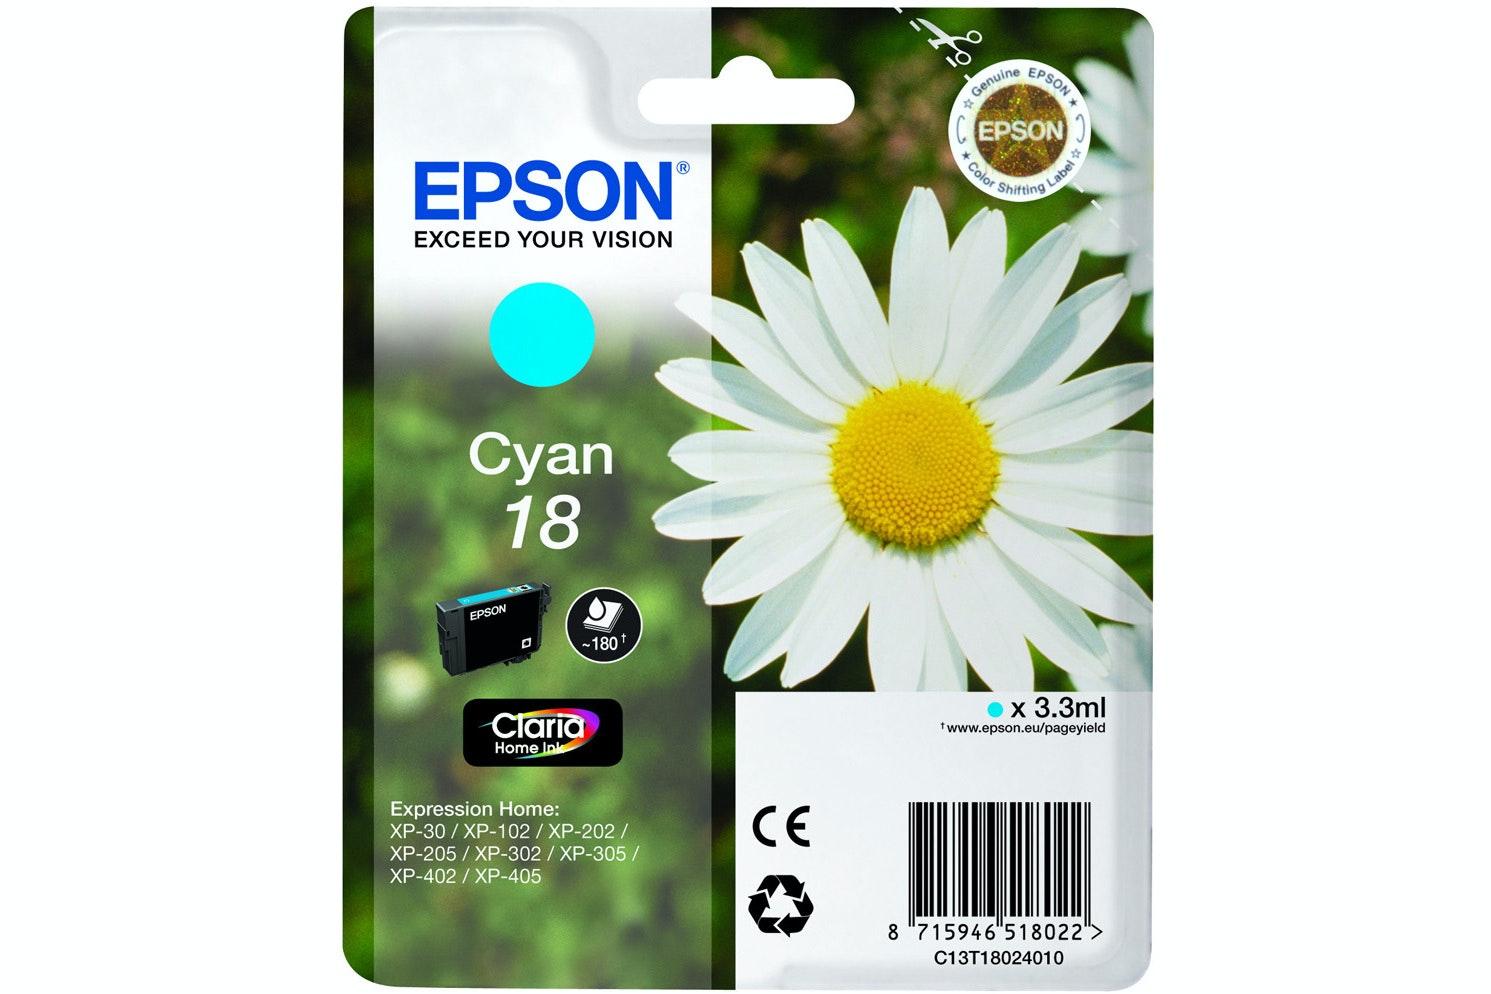 Epson Daisy Ink Cyan